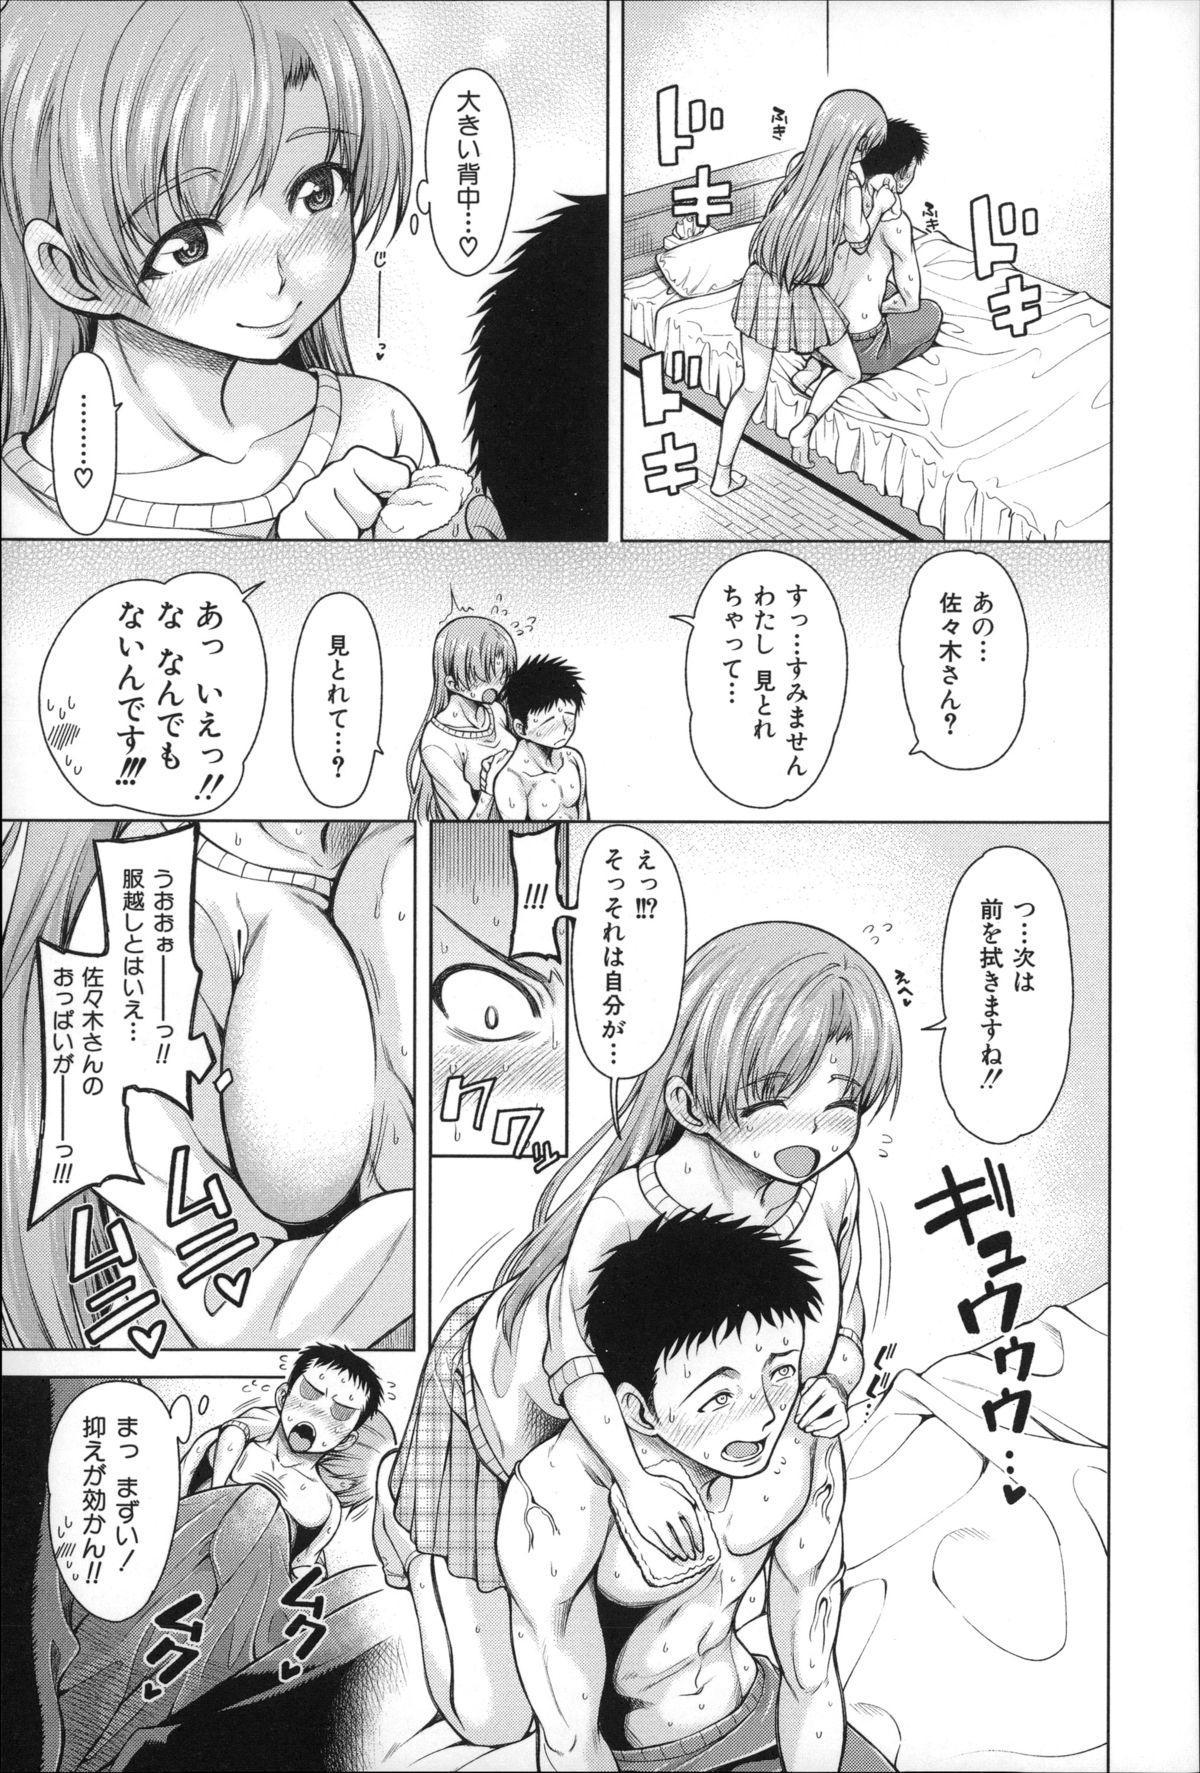 Migite ga Bishoujo ni Natta kara Sex Shita kedo Doutei dayone!! 87